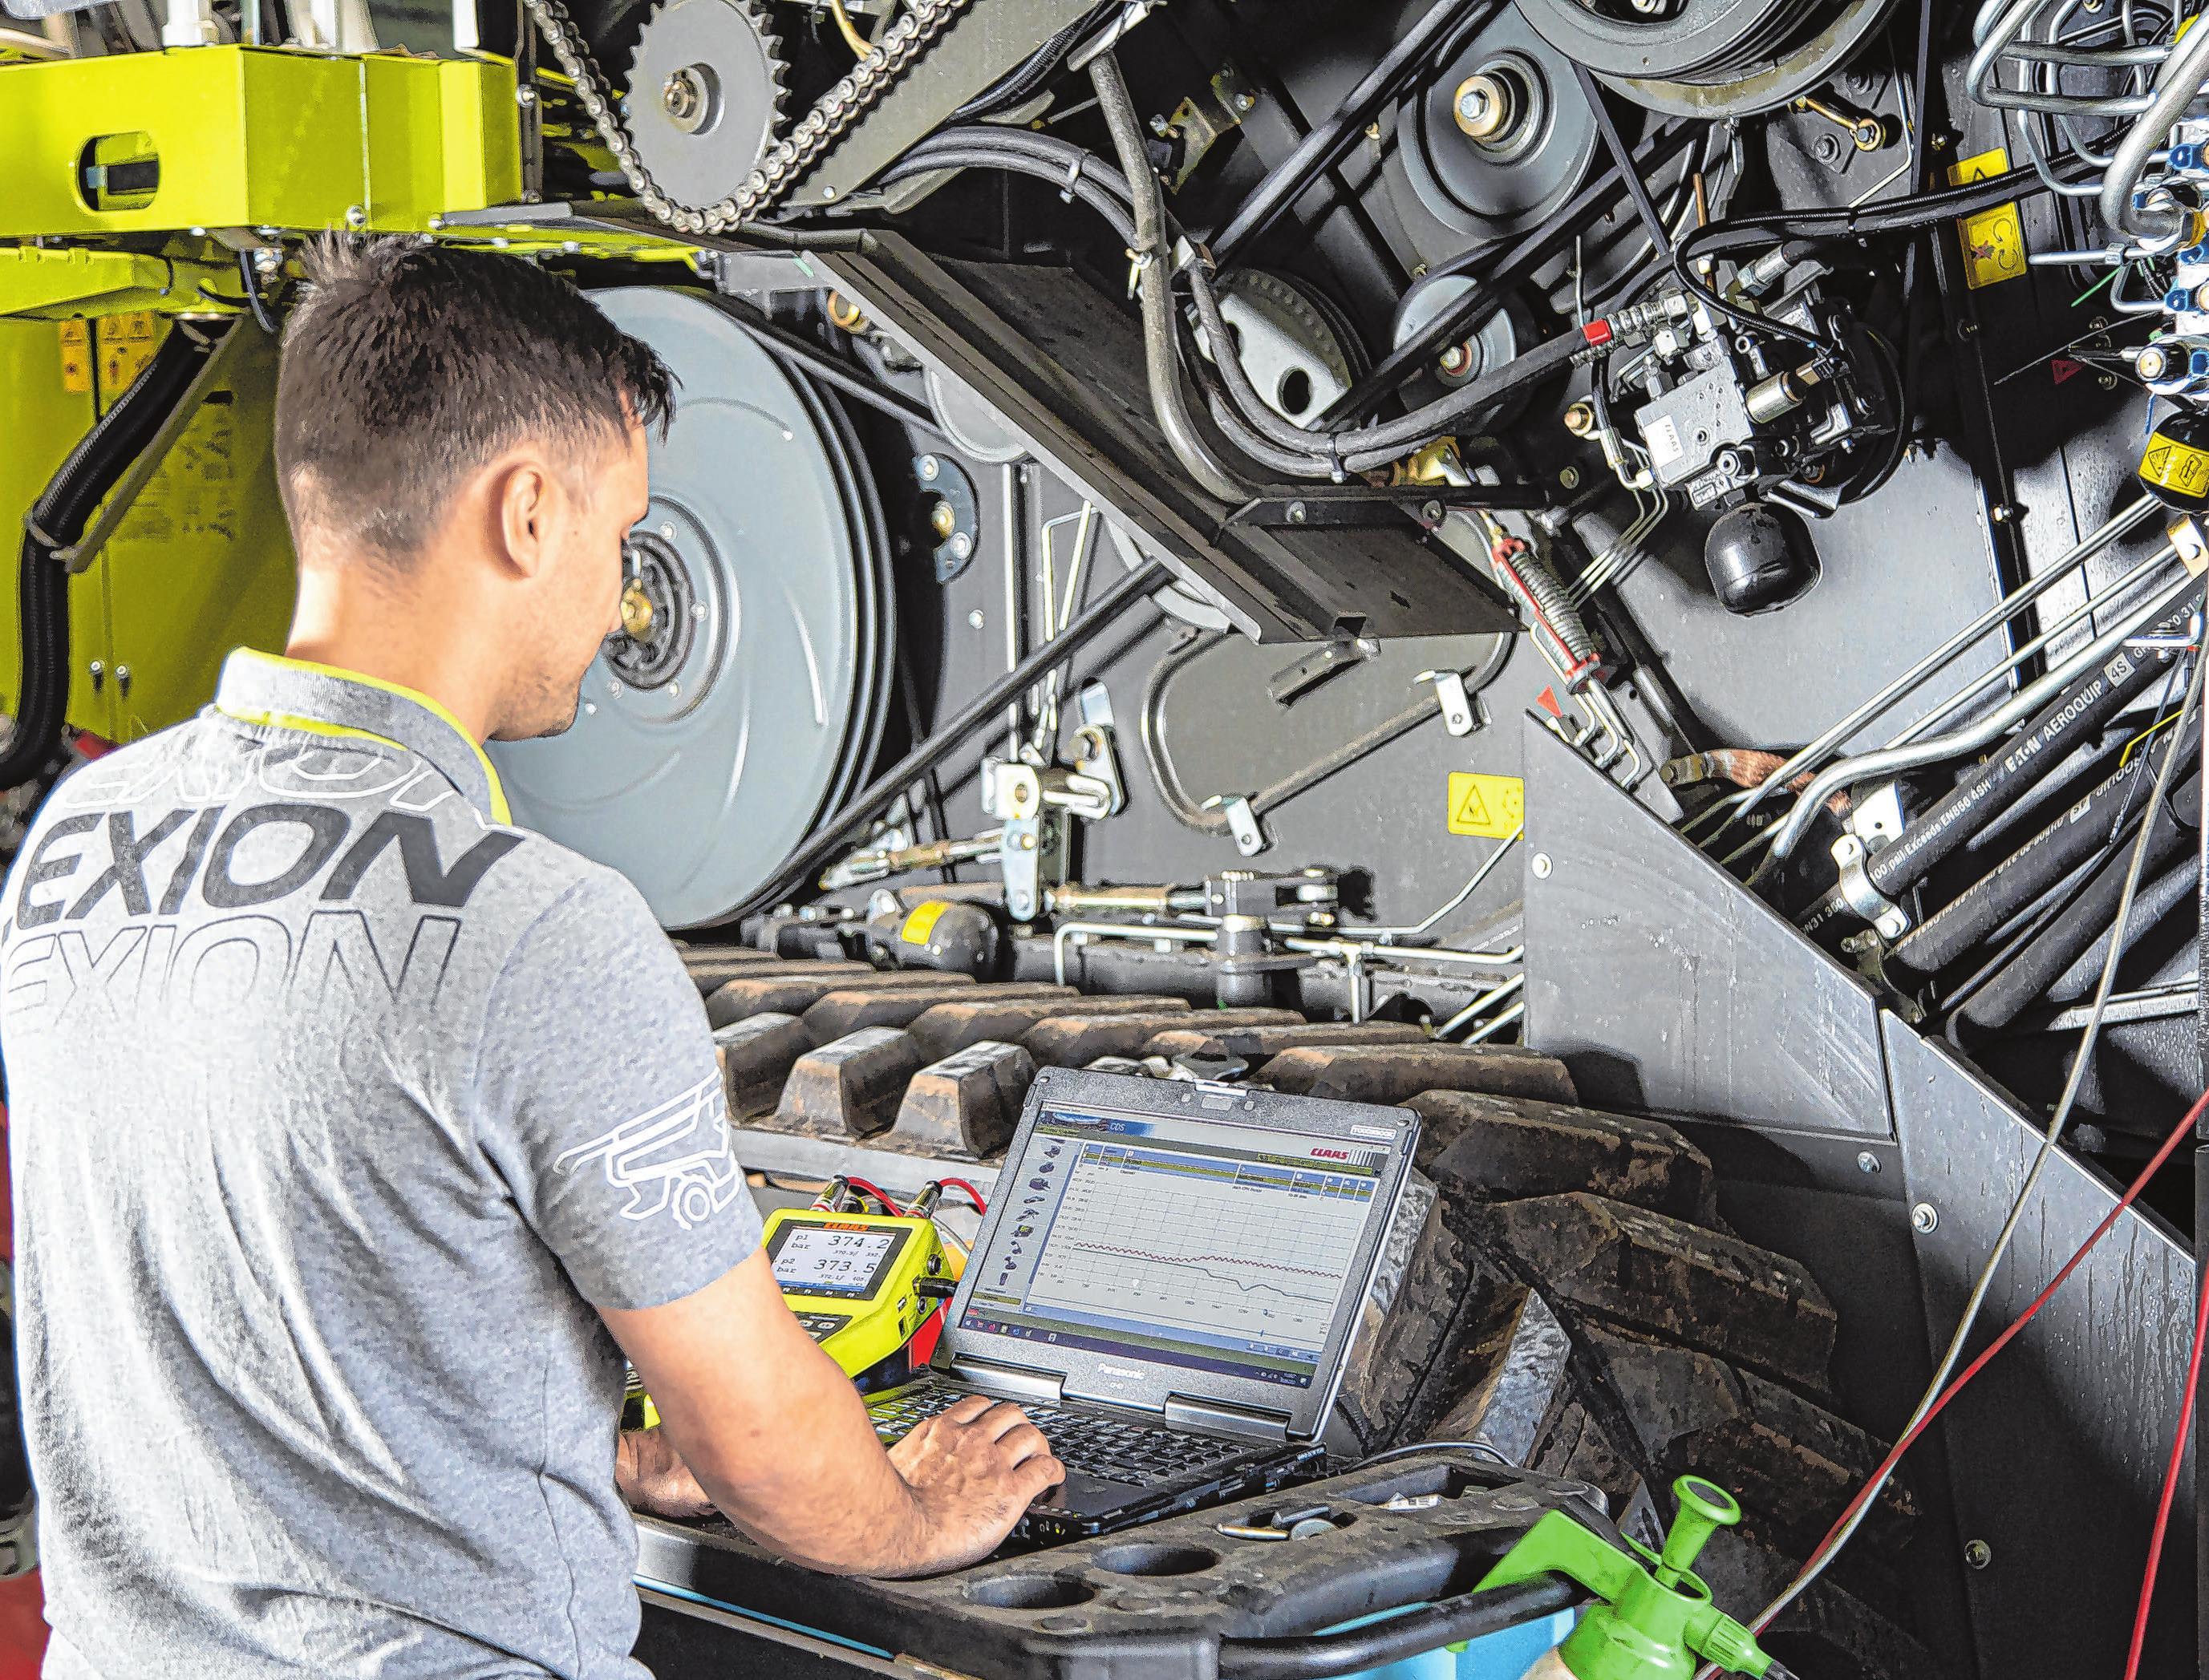 Die modernen Maschinen sind mit viel Elektronik ausgestattet. Landmaschinenmechaniker Rico Albrecht kontrolliert die Werte am Claas-Diagnosesystem.